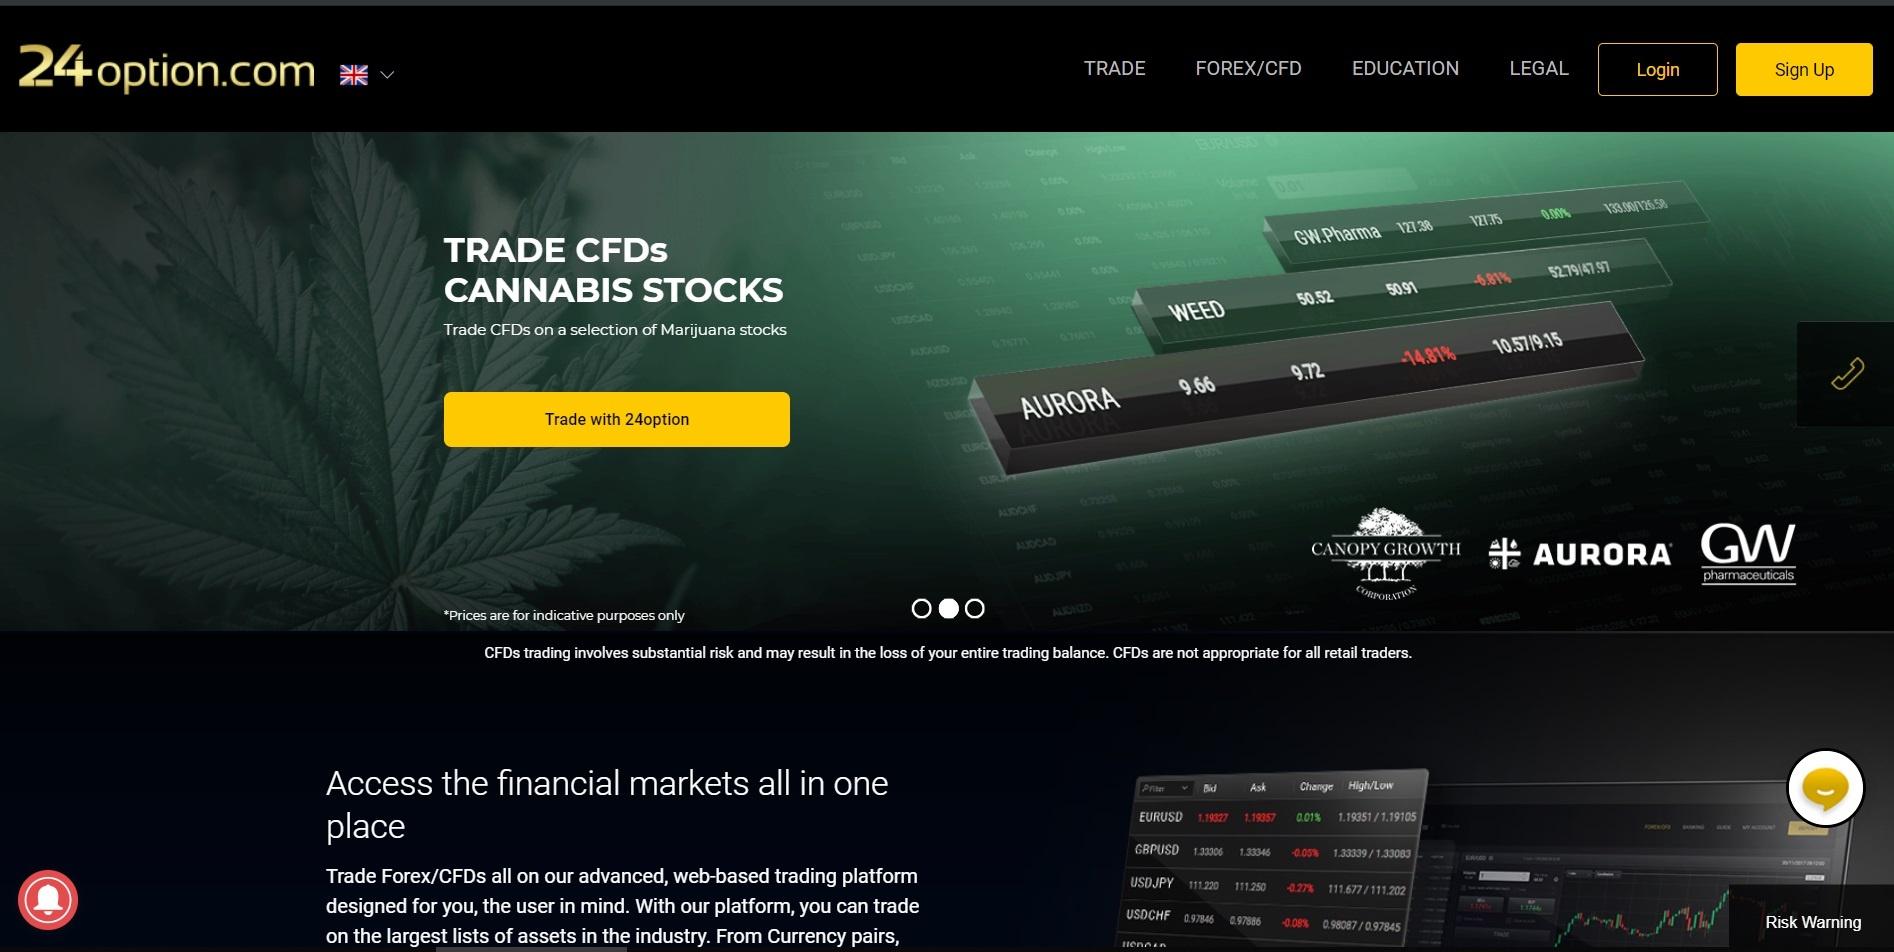 24option UK homepage